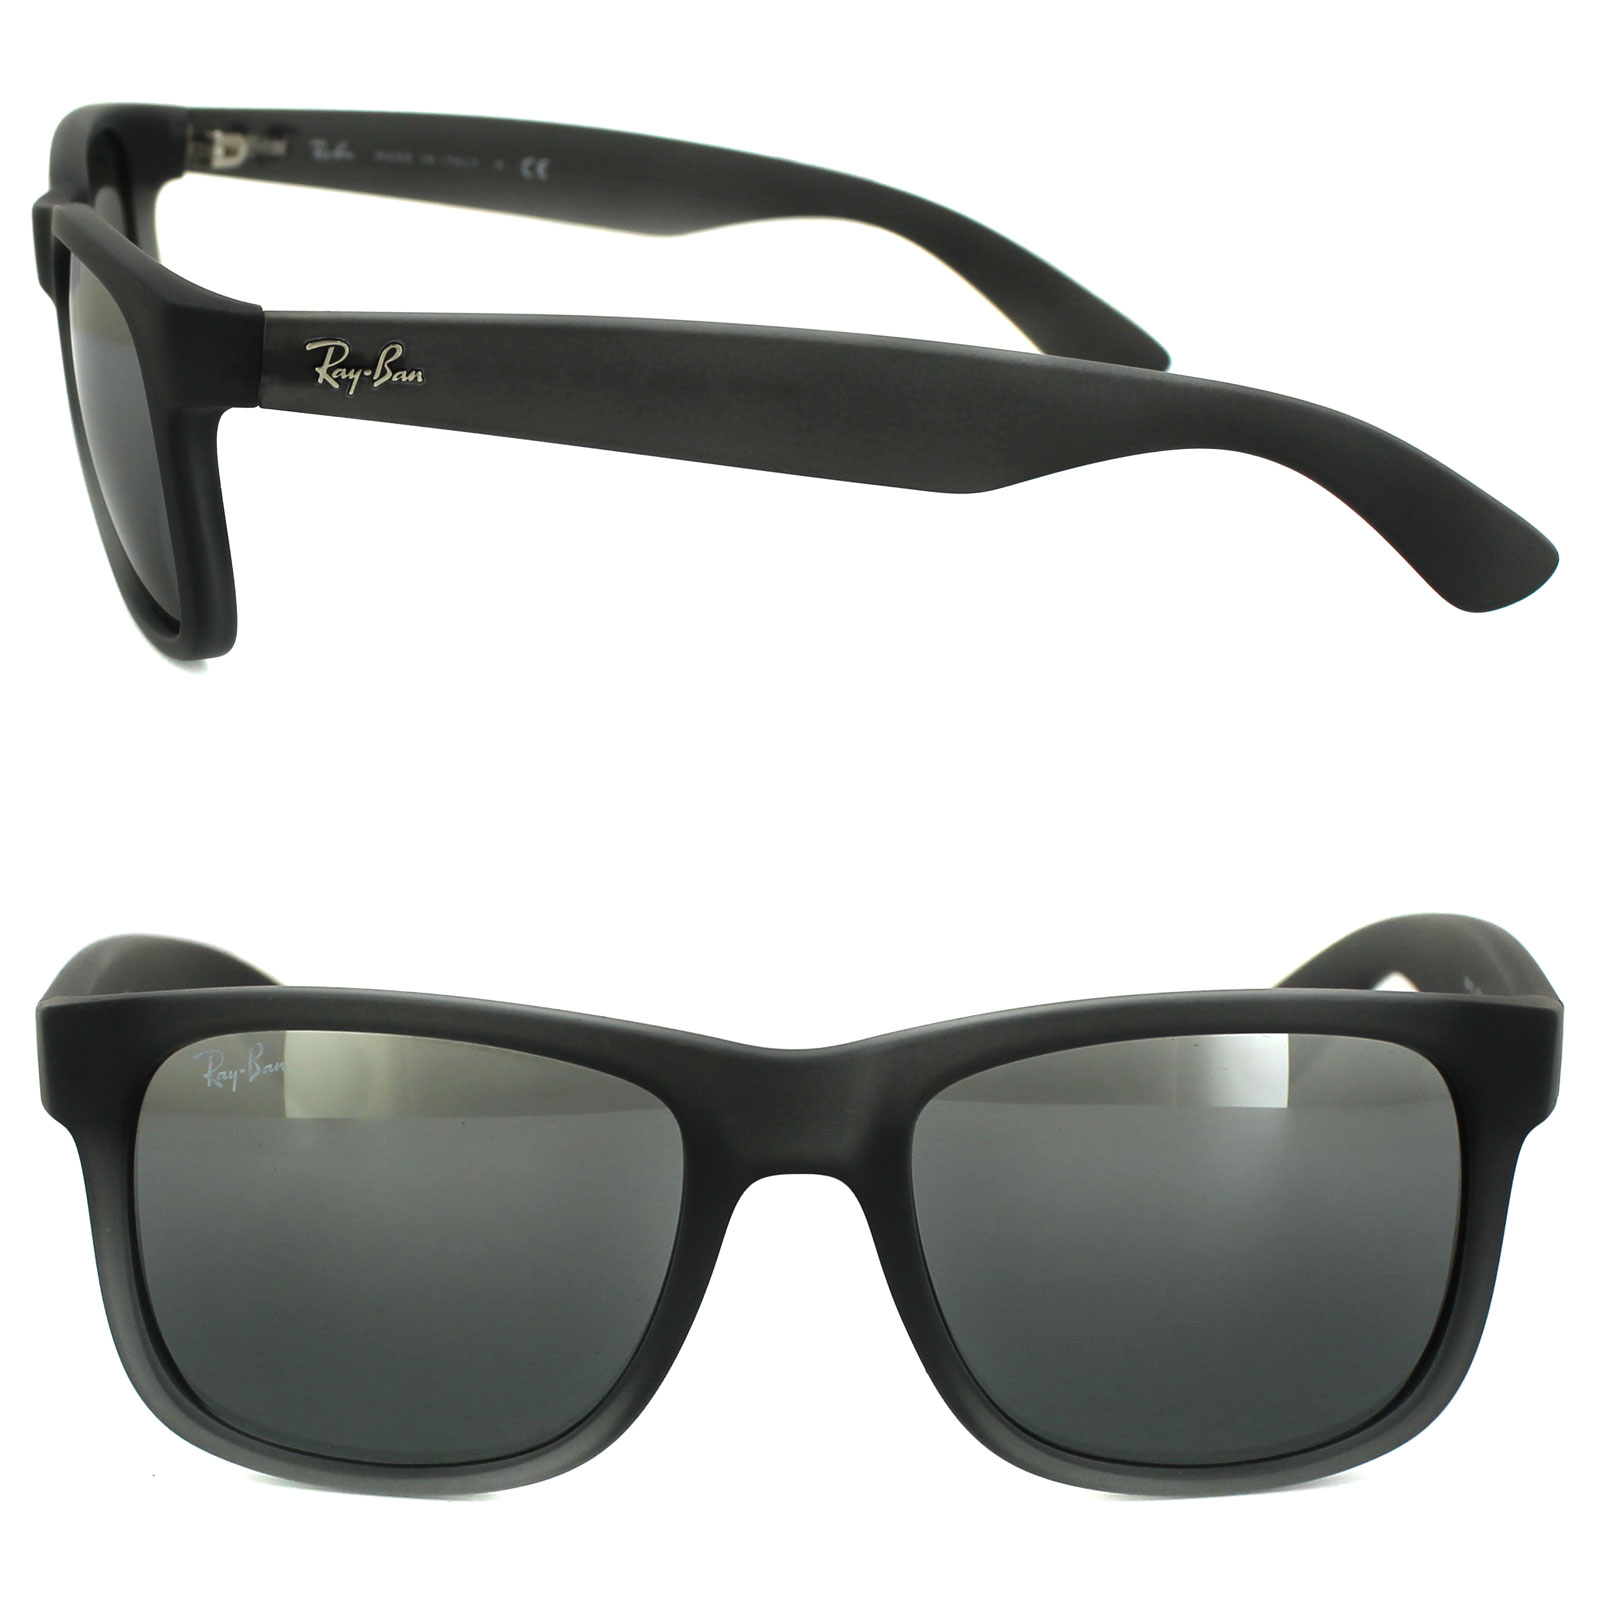 Sentinel RayBan Sunglasses Justin 4165 852 88 Rubber Grey Grey Silver  Mirror Gradient 9867e4666a